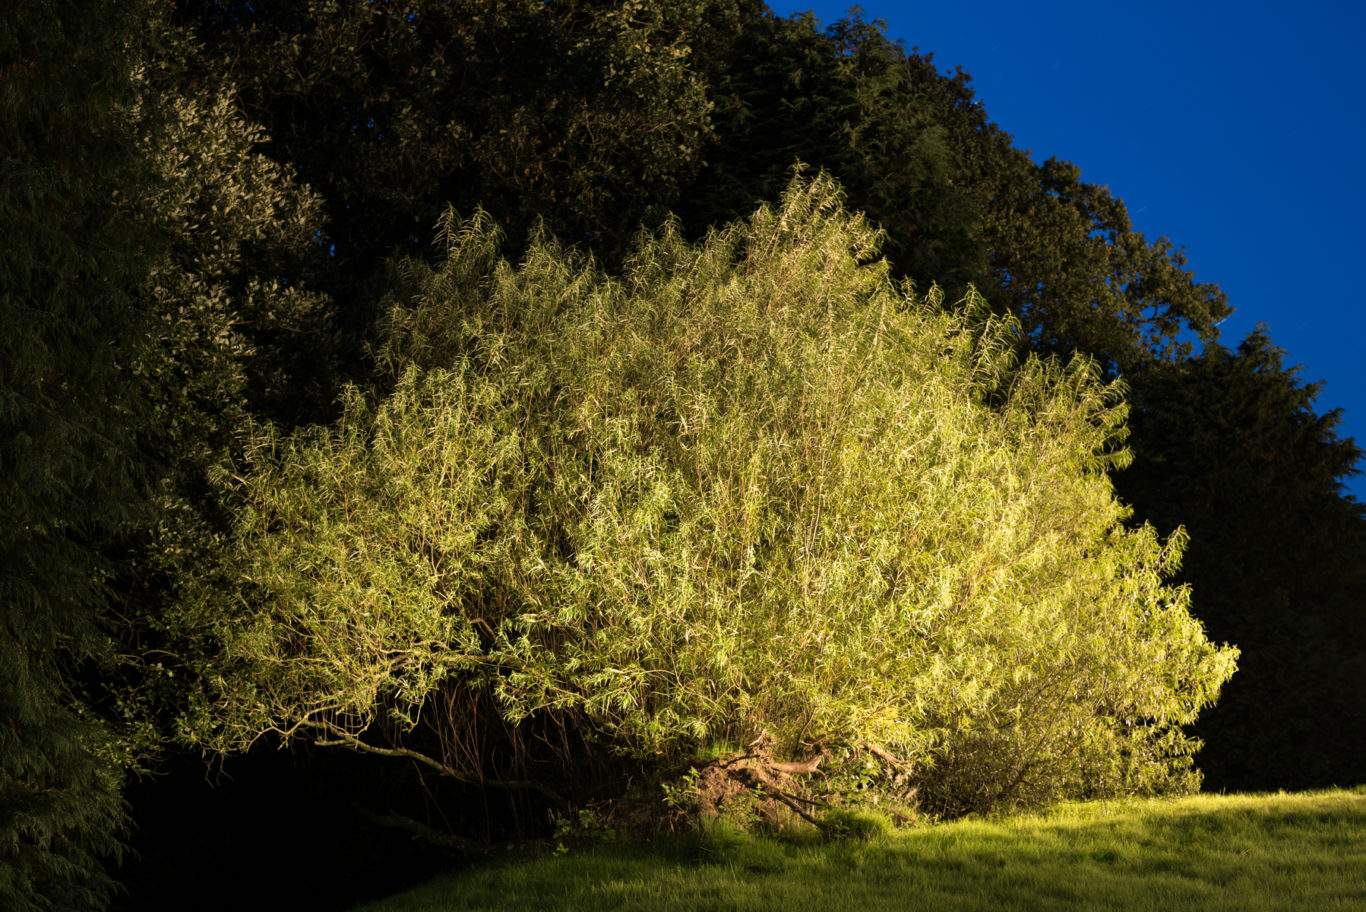 Napoleon's tree